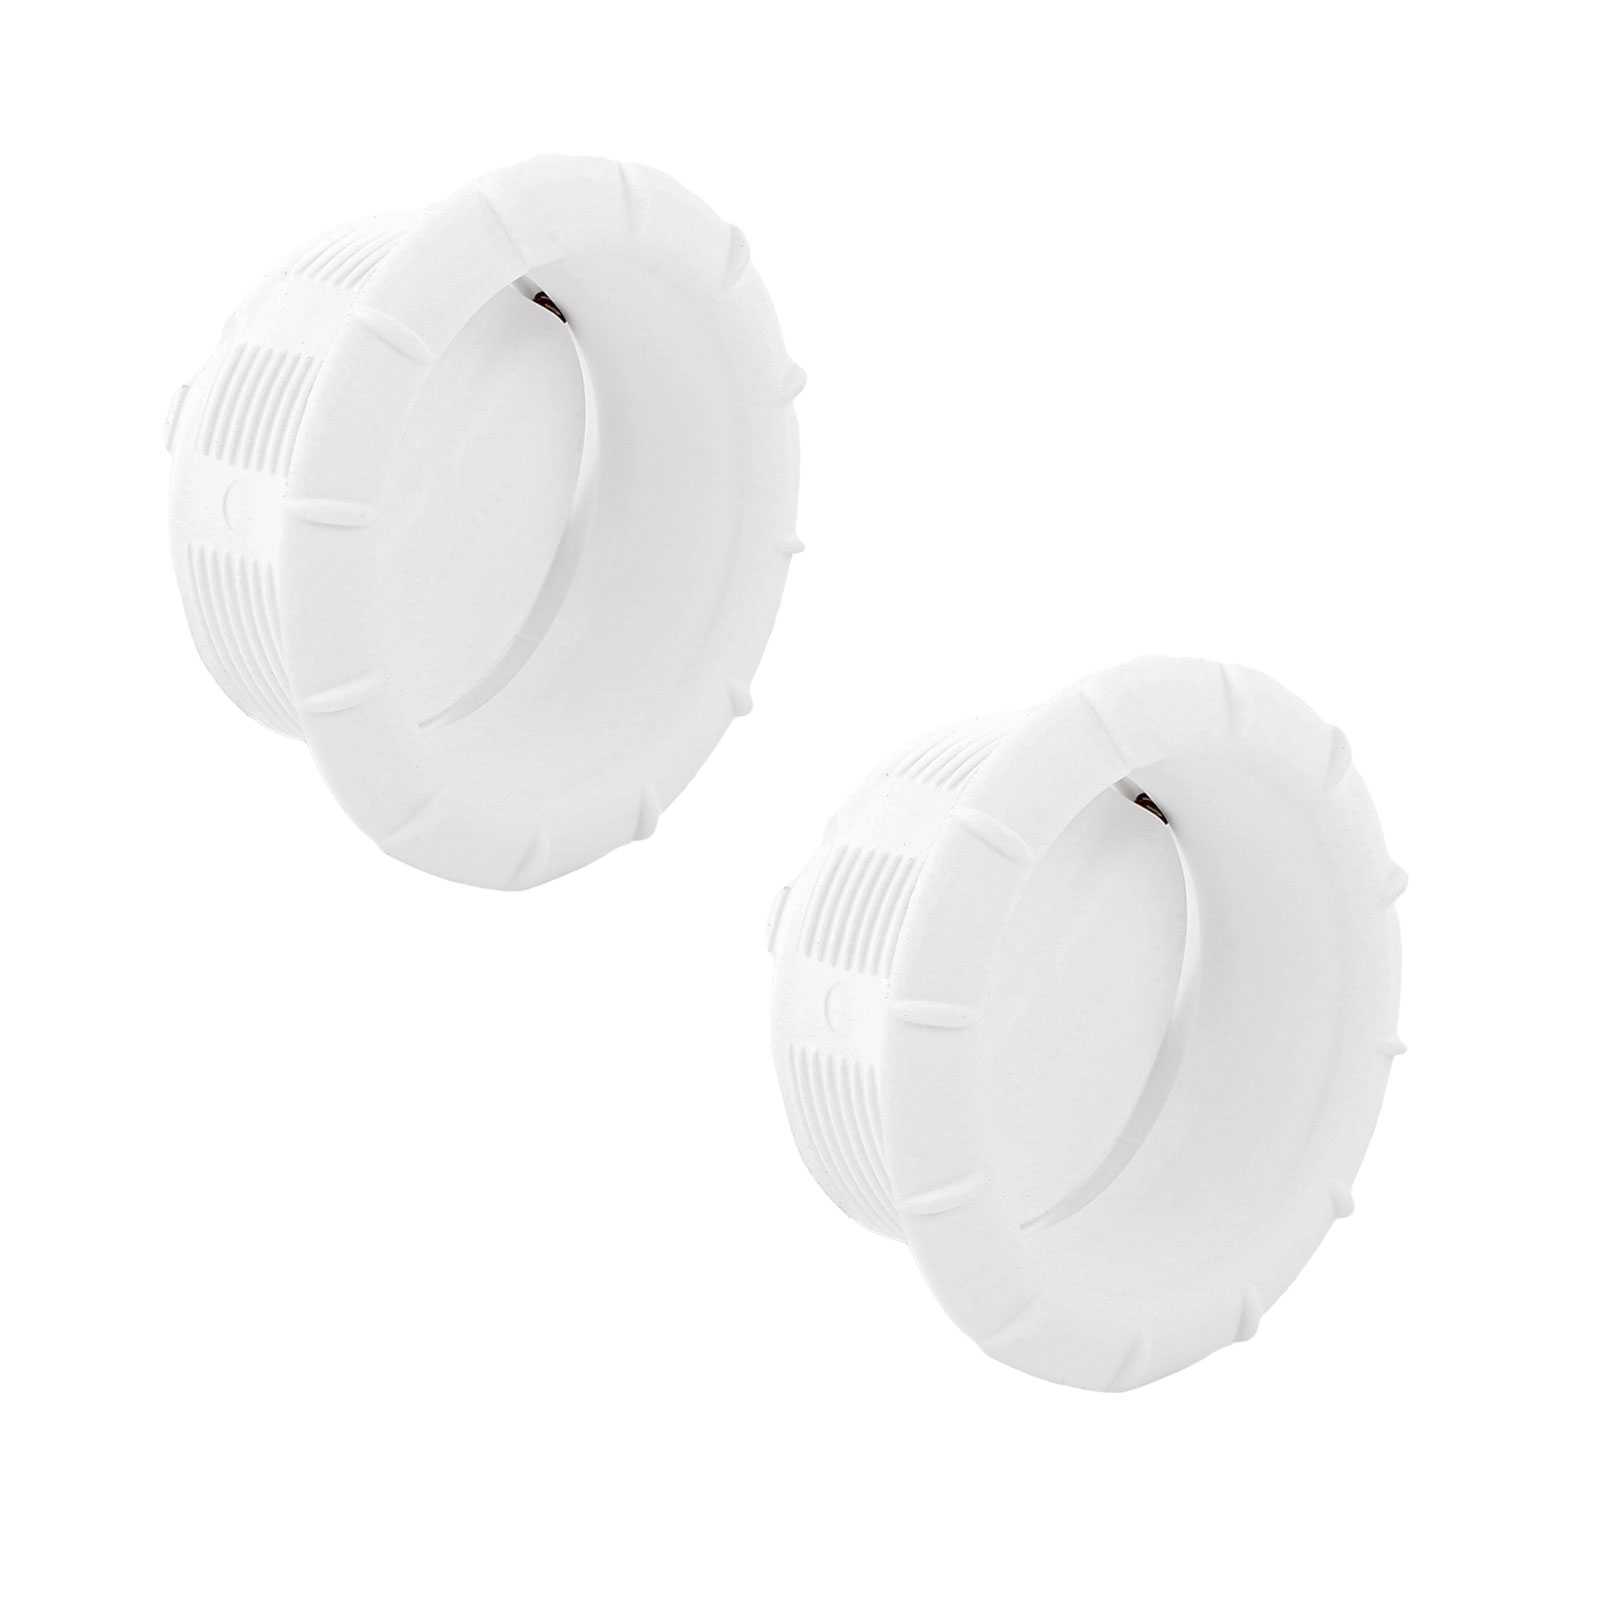 2x Endstück Warmluftaustritt Weiß Truma für 65mm Warmluftrohre verschließbar